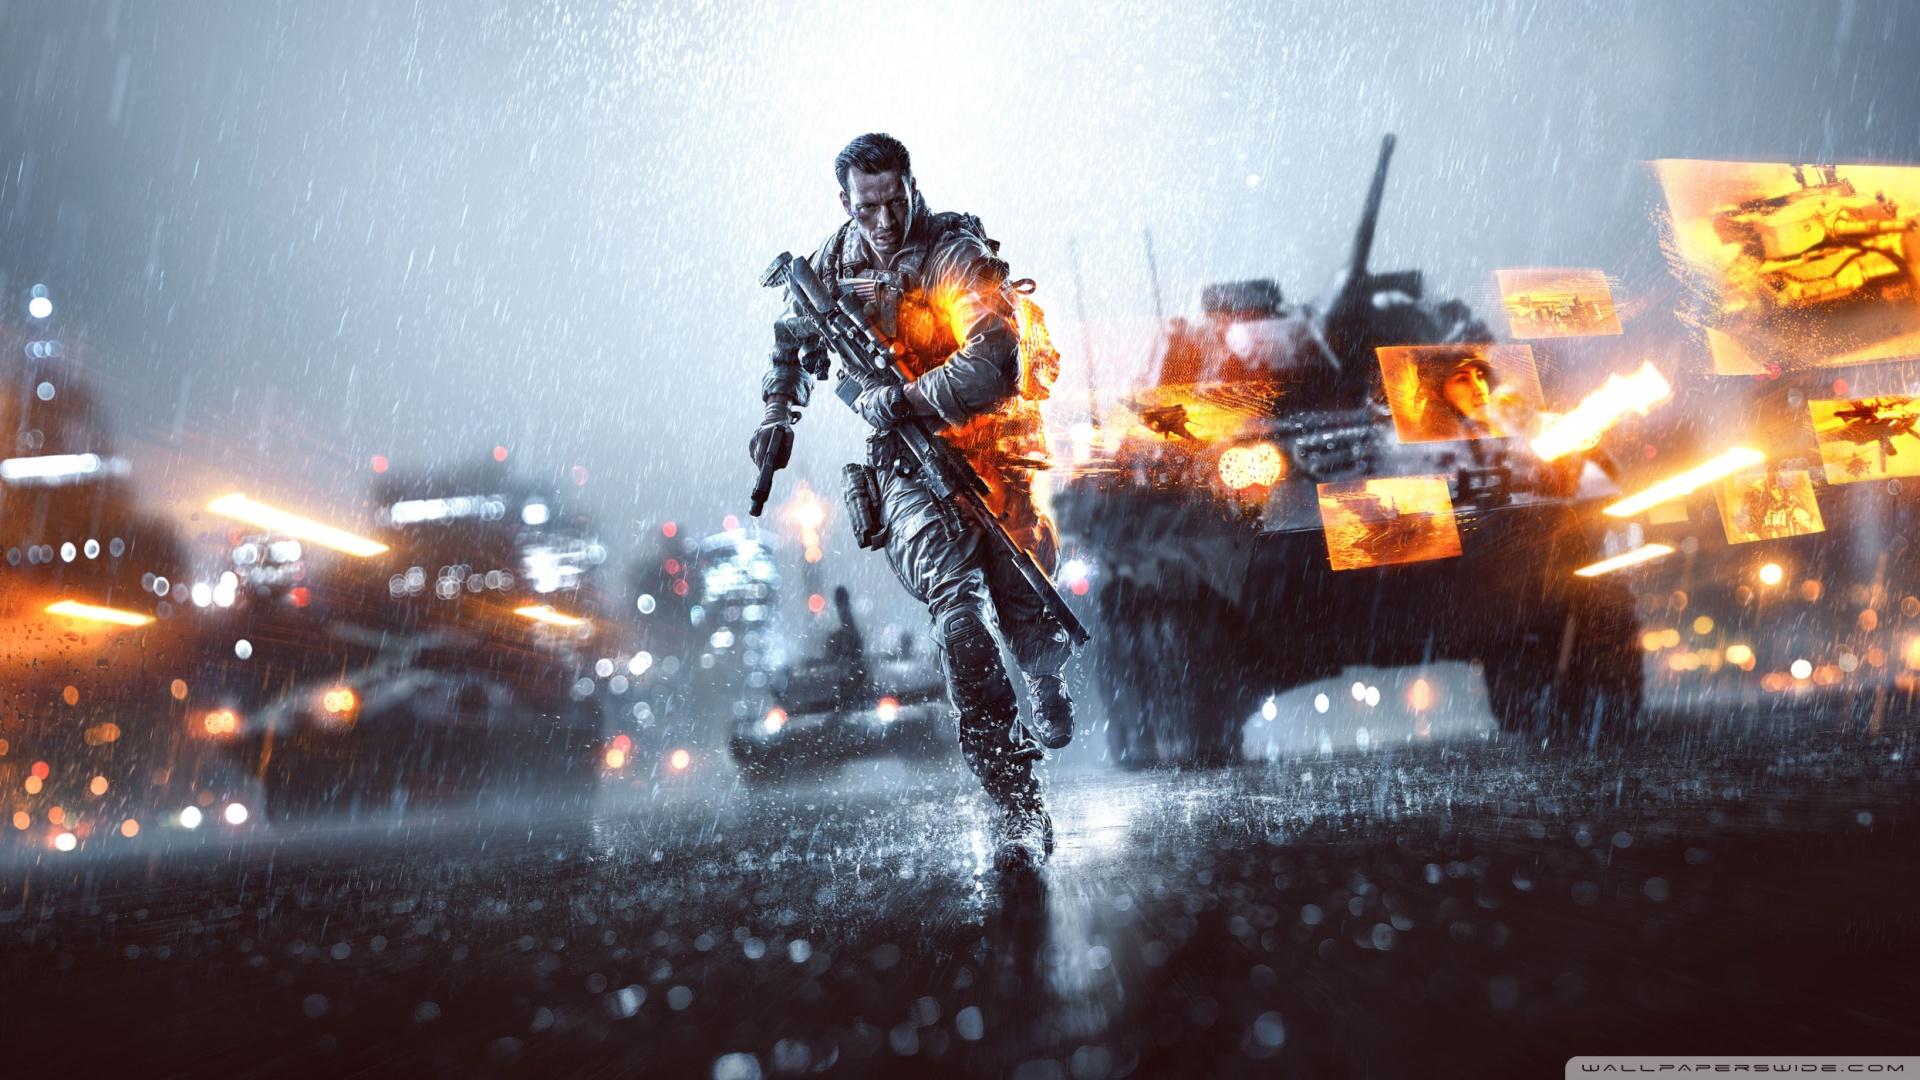 Battlefield 4 HD desktop wallpaper : Widescreen : High Definition